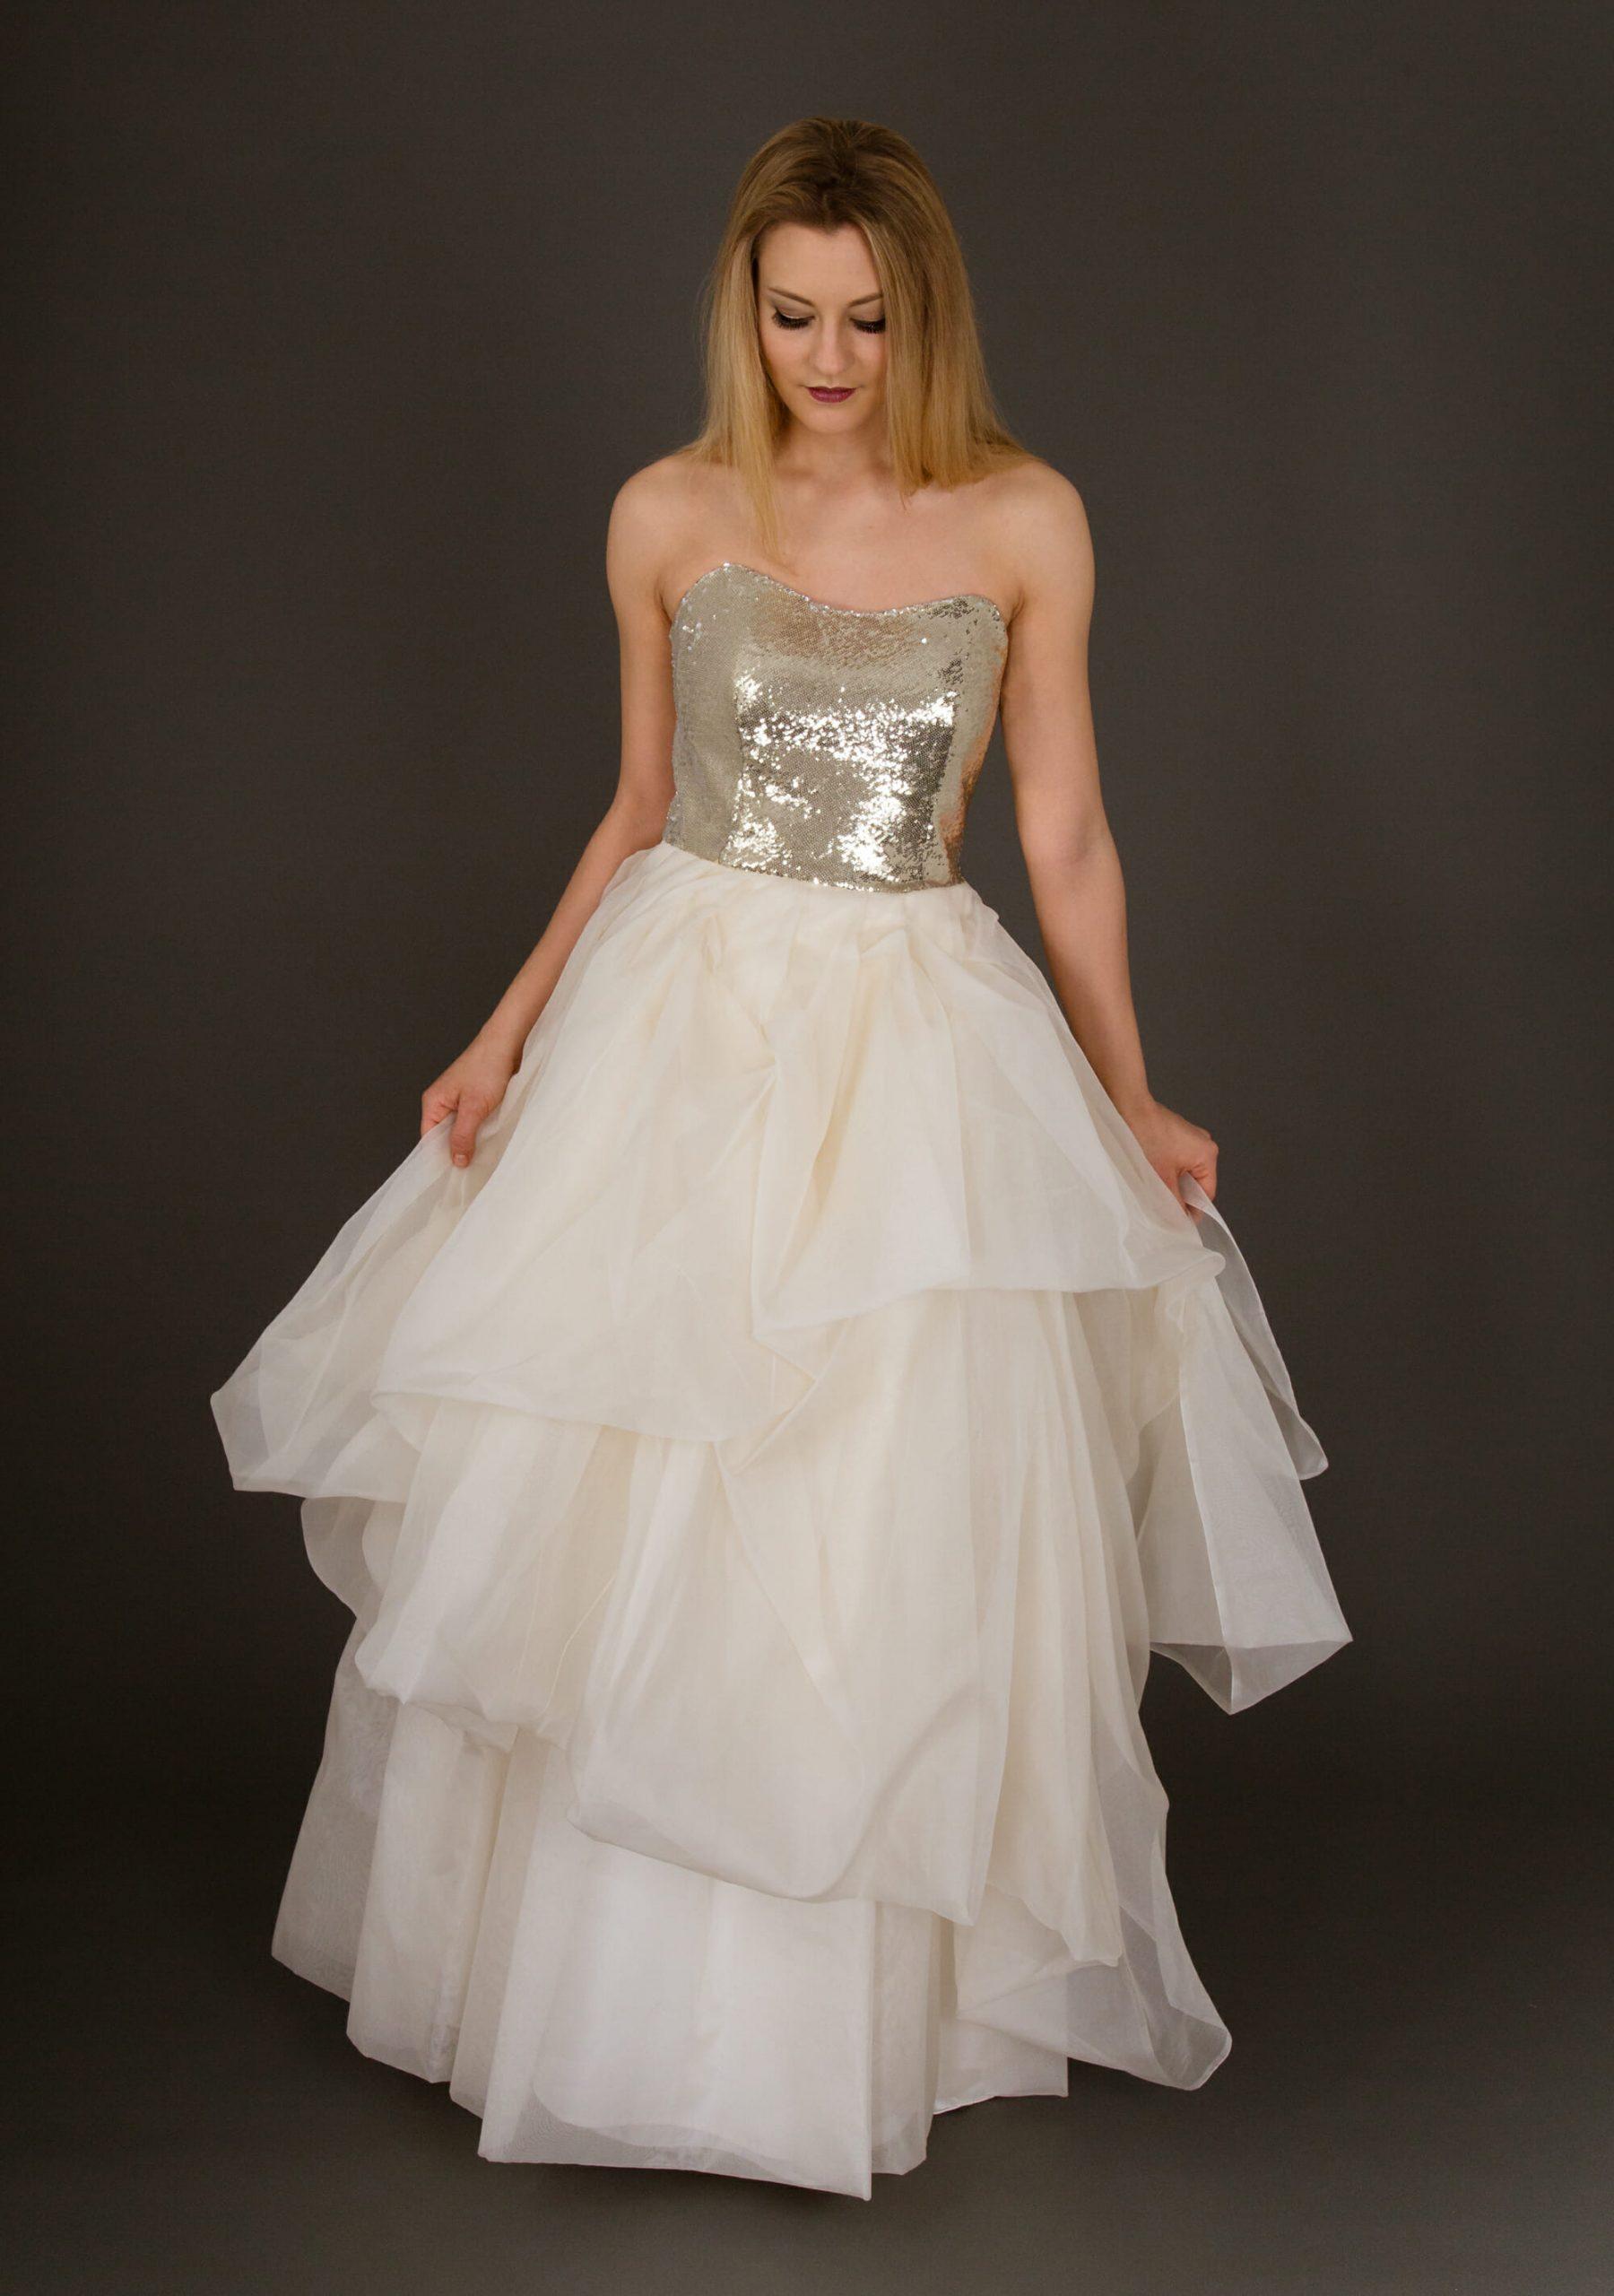 Theff8C 15 Einzigartig Brautkleid Neckholder Galerie